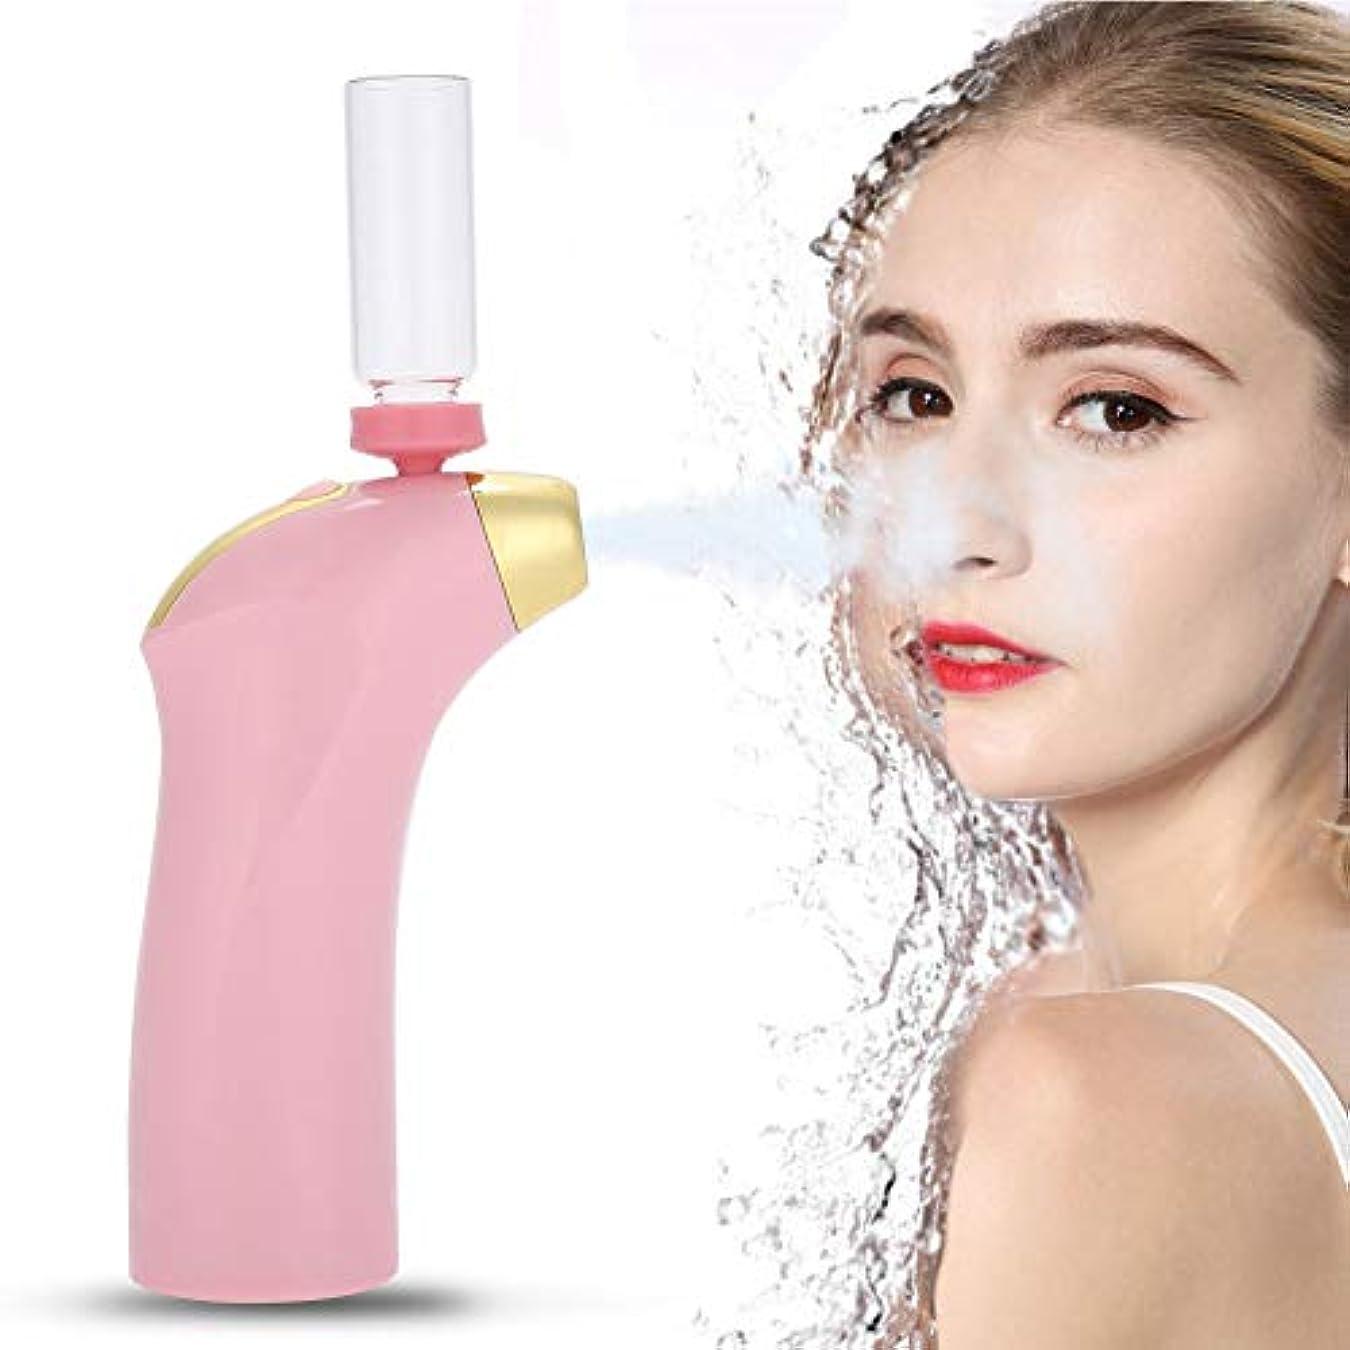 言及する機構針専門の酸素の注入のスプレーガン - 顔の皮の若返りの美機械、顔の美の器械、引き締まる皮は、肌の色合い、色素形成を改善します